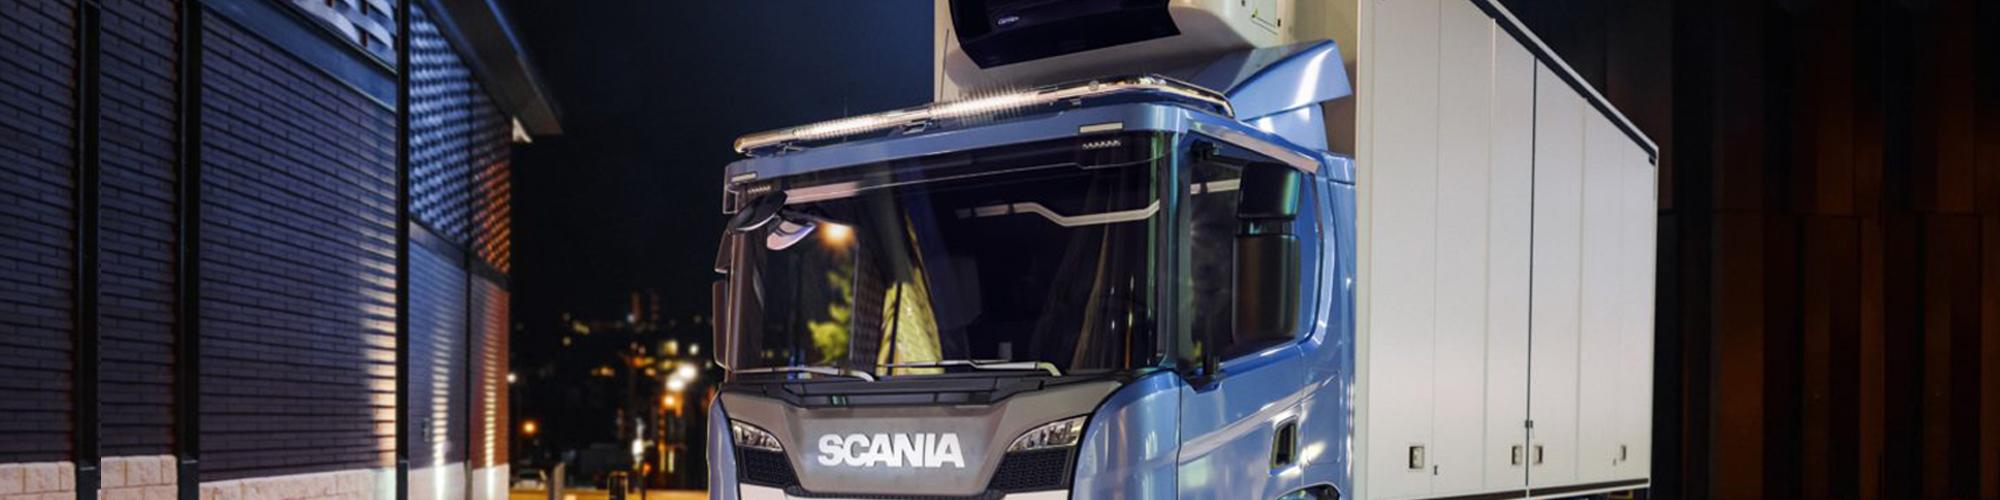 Extra Stöd för takbåge Scania 17+ bakgrundsbild